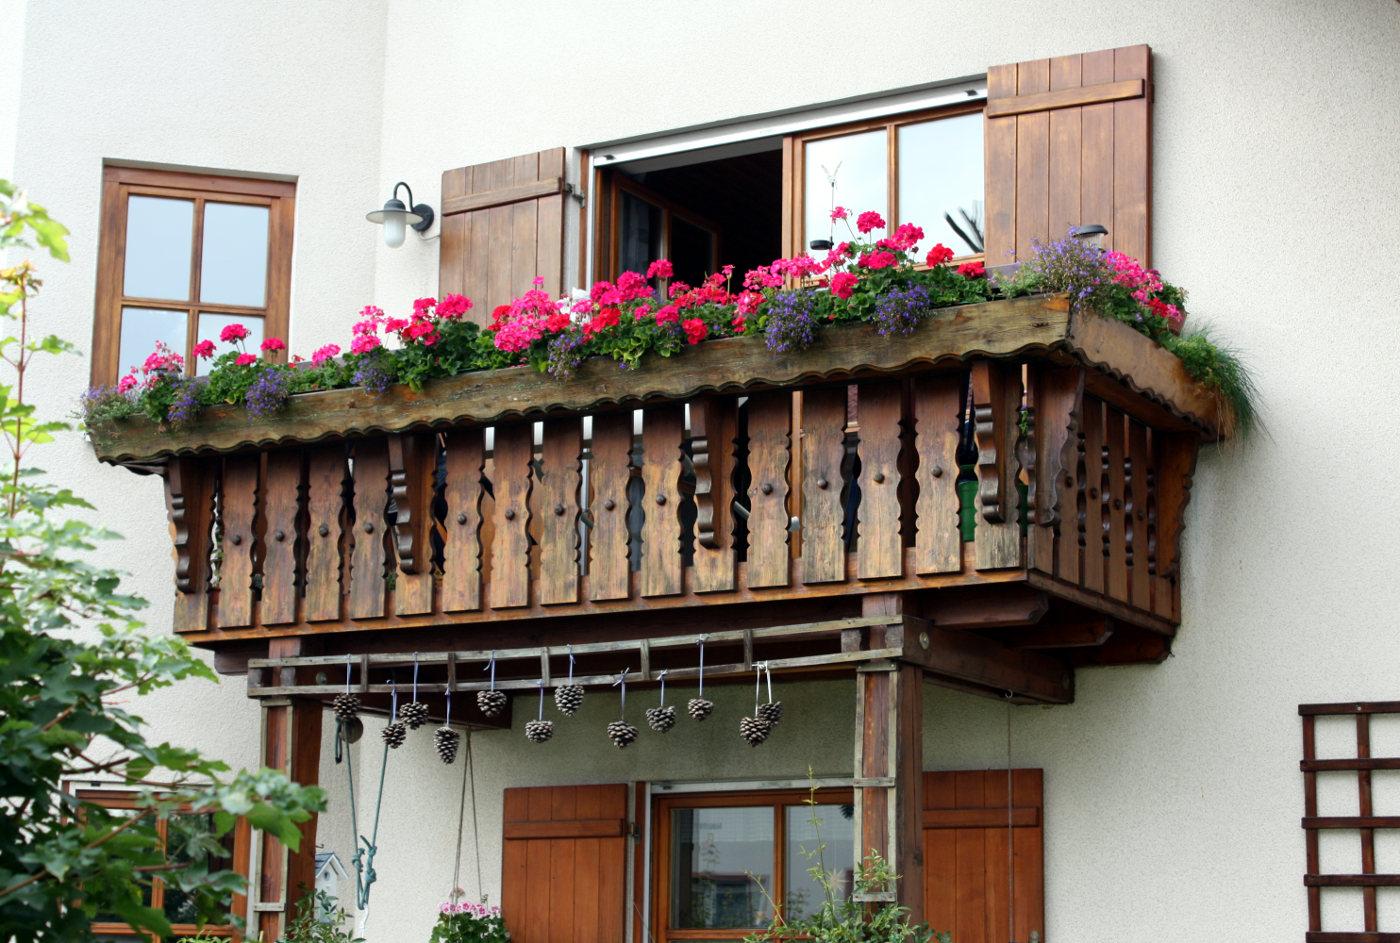 Holz Als Sichtschutz Auf Dem Balkon Naturlich Mit Vor Und